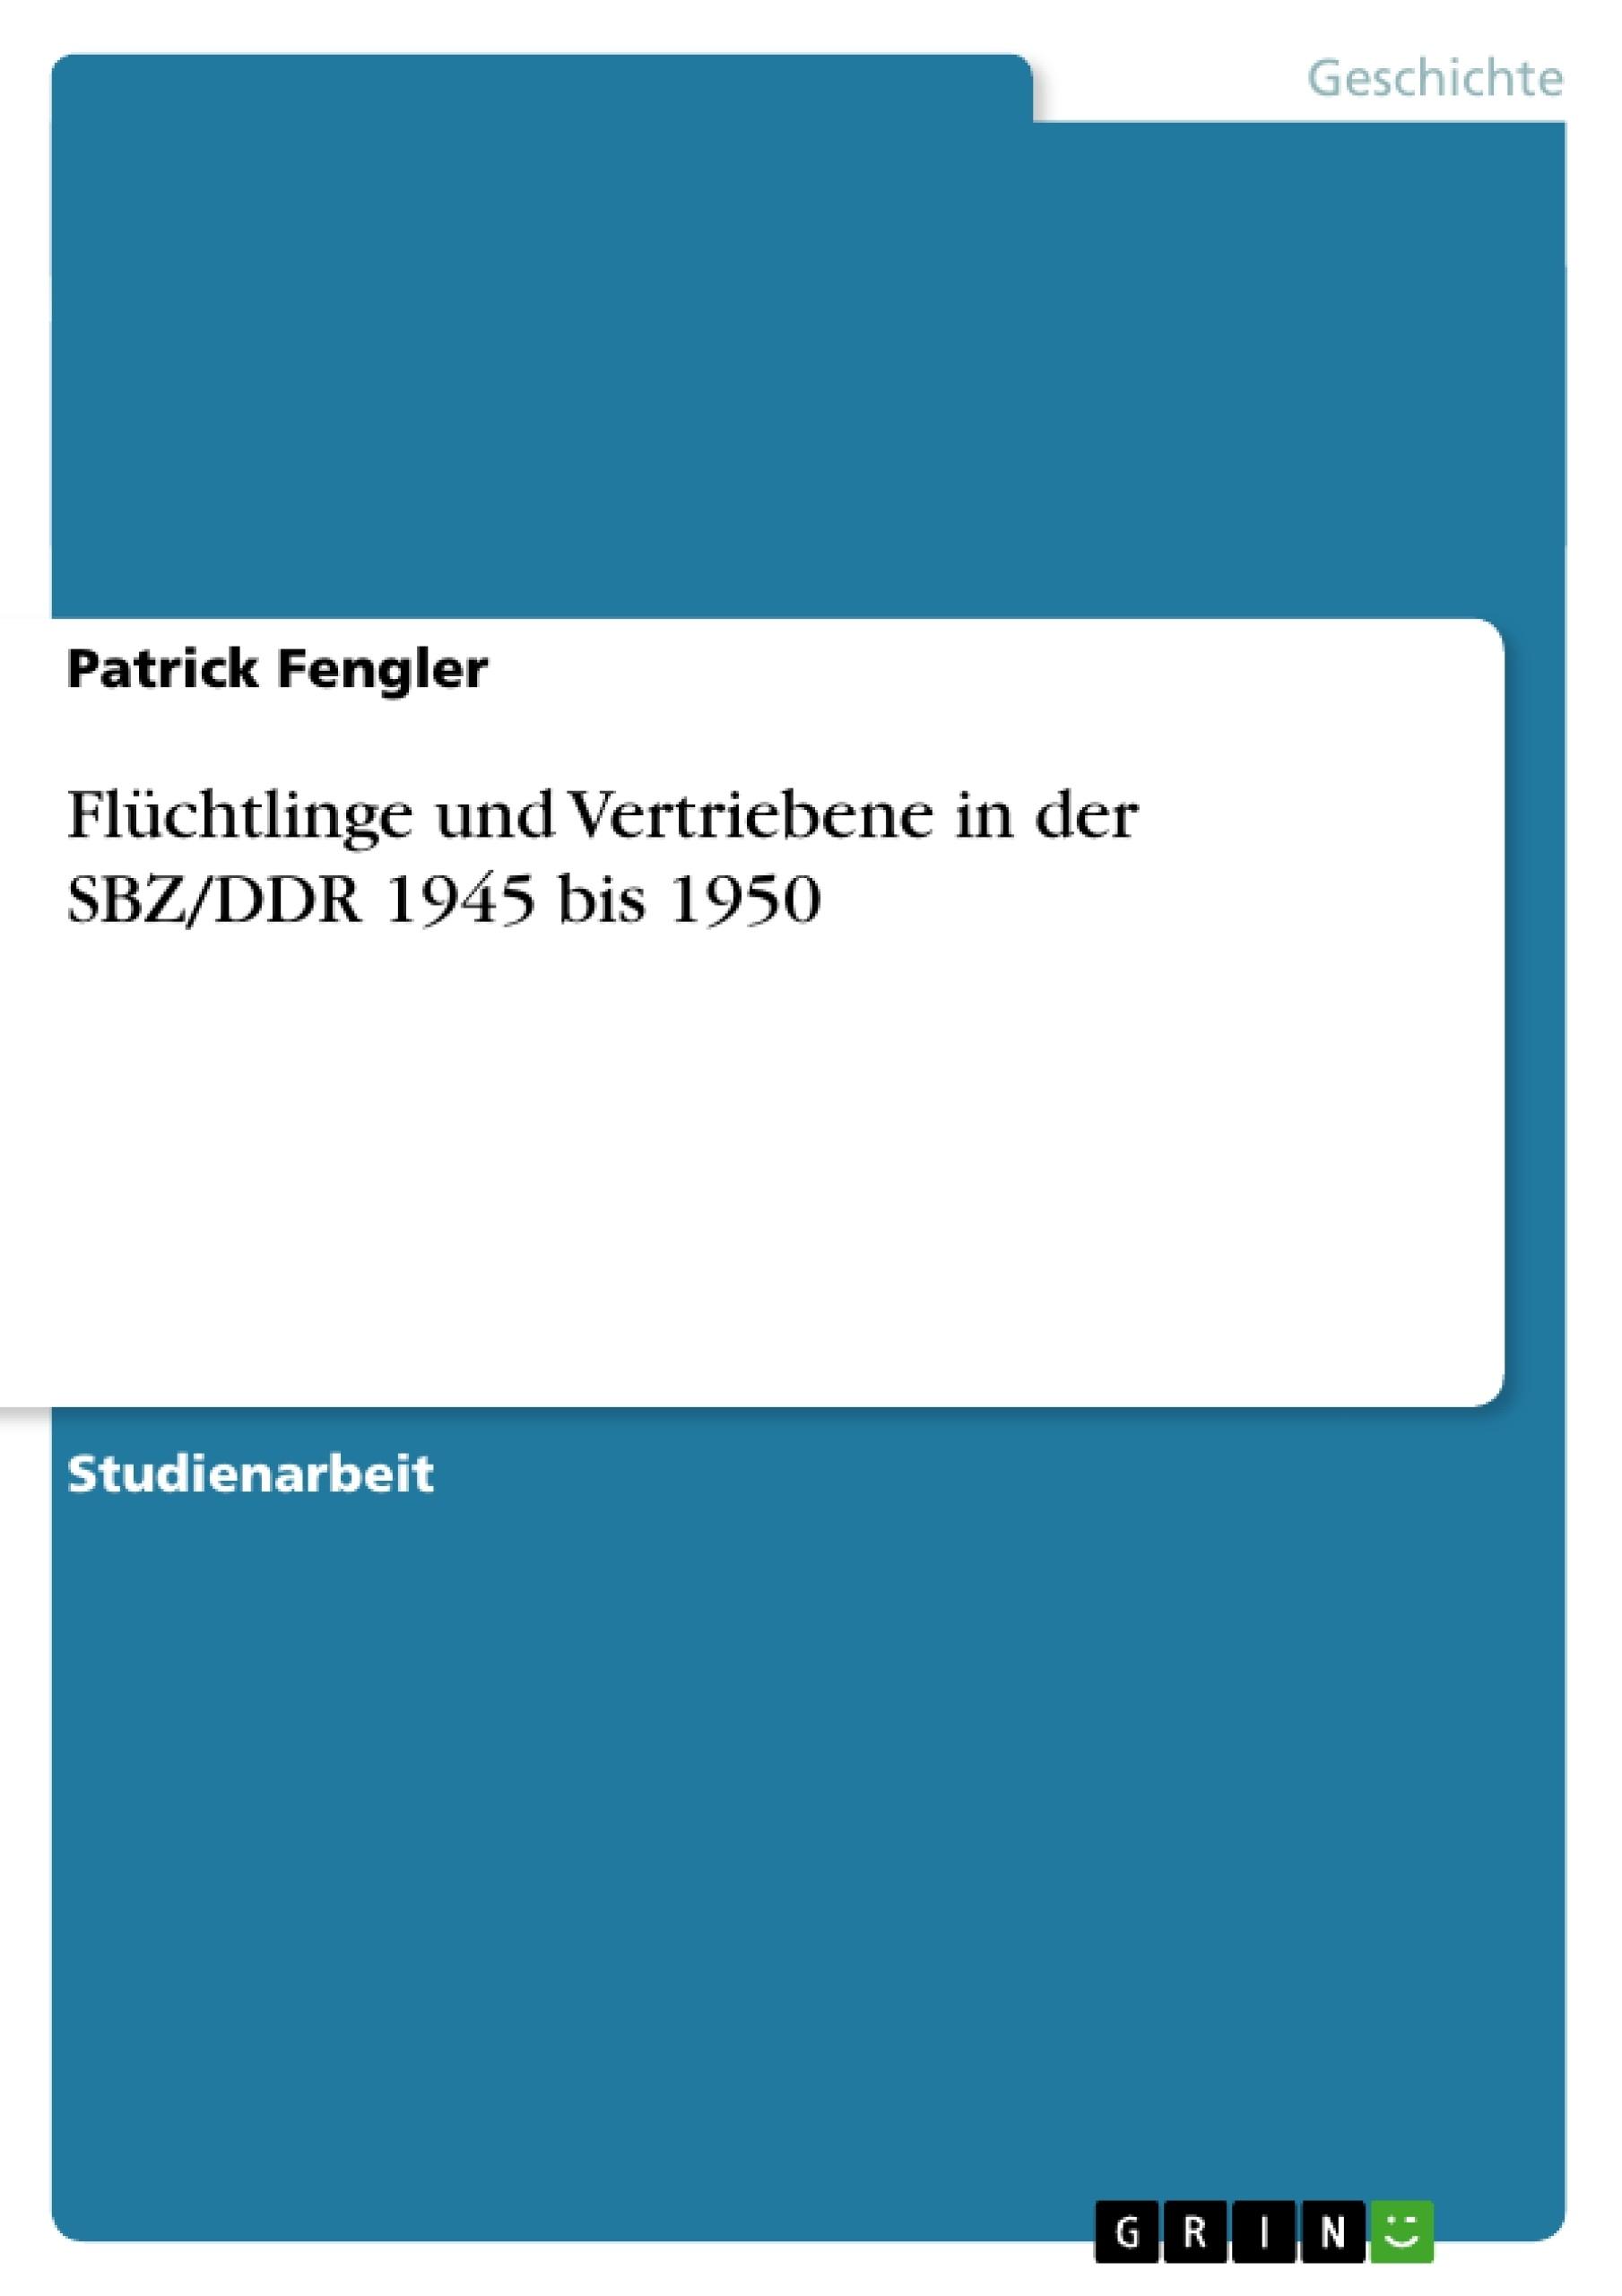 Titel: Flüchtlinge und Vertriebene in der SBZ/DDR 1945 bis 1950